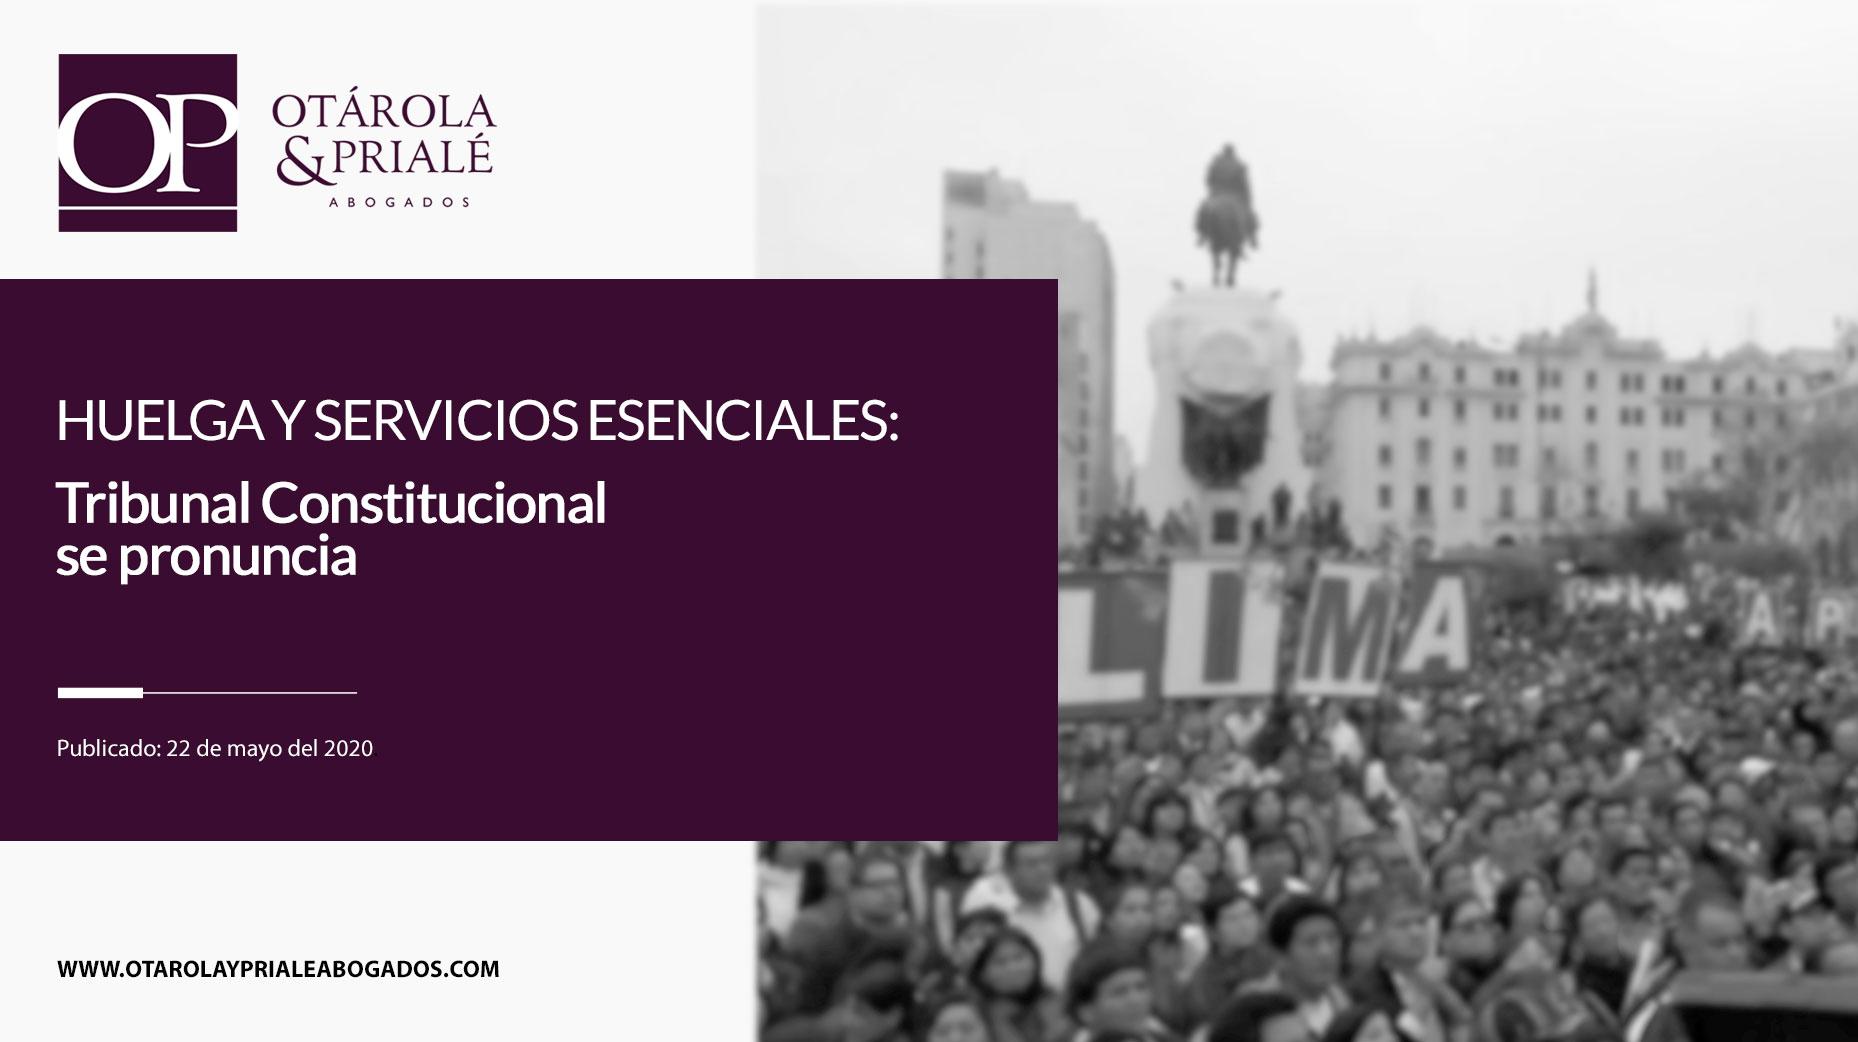 Huelga y servicios esenciales: Tribunal Constitucional se pronuncia